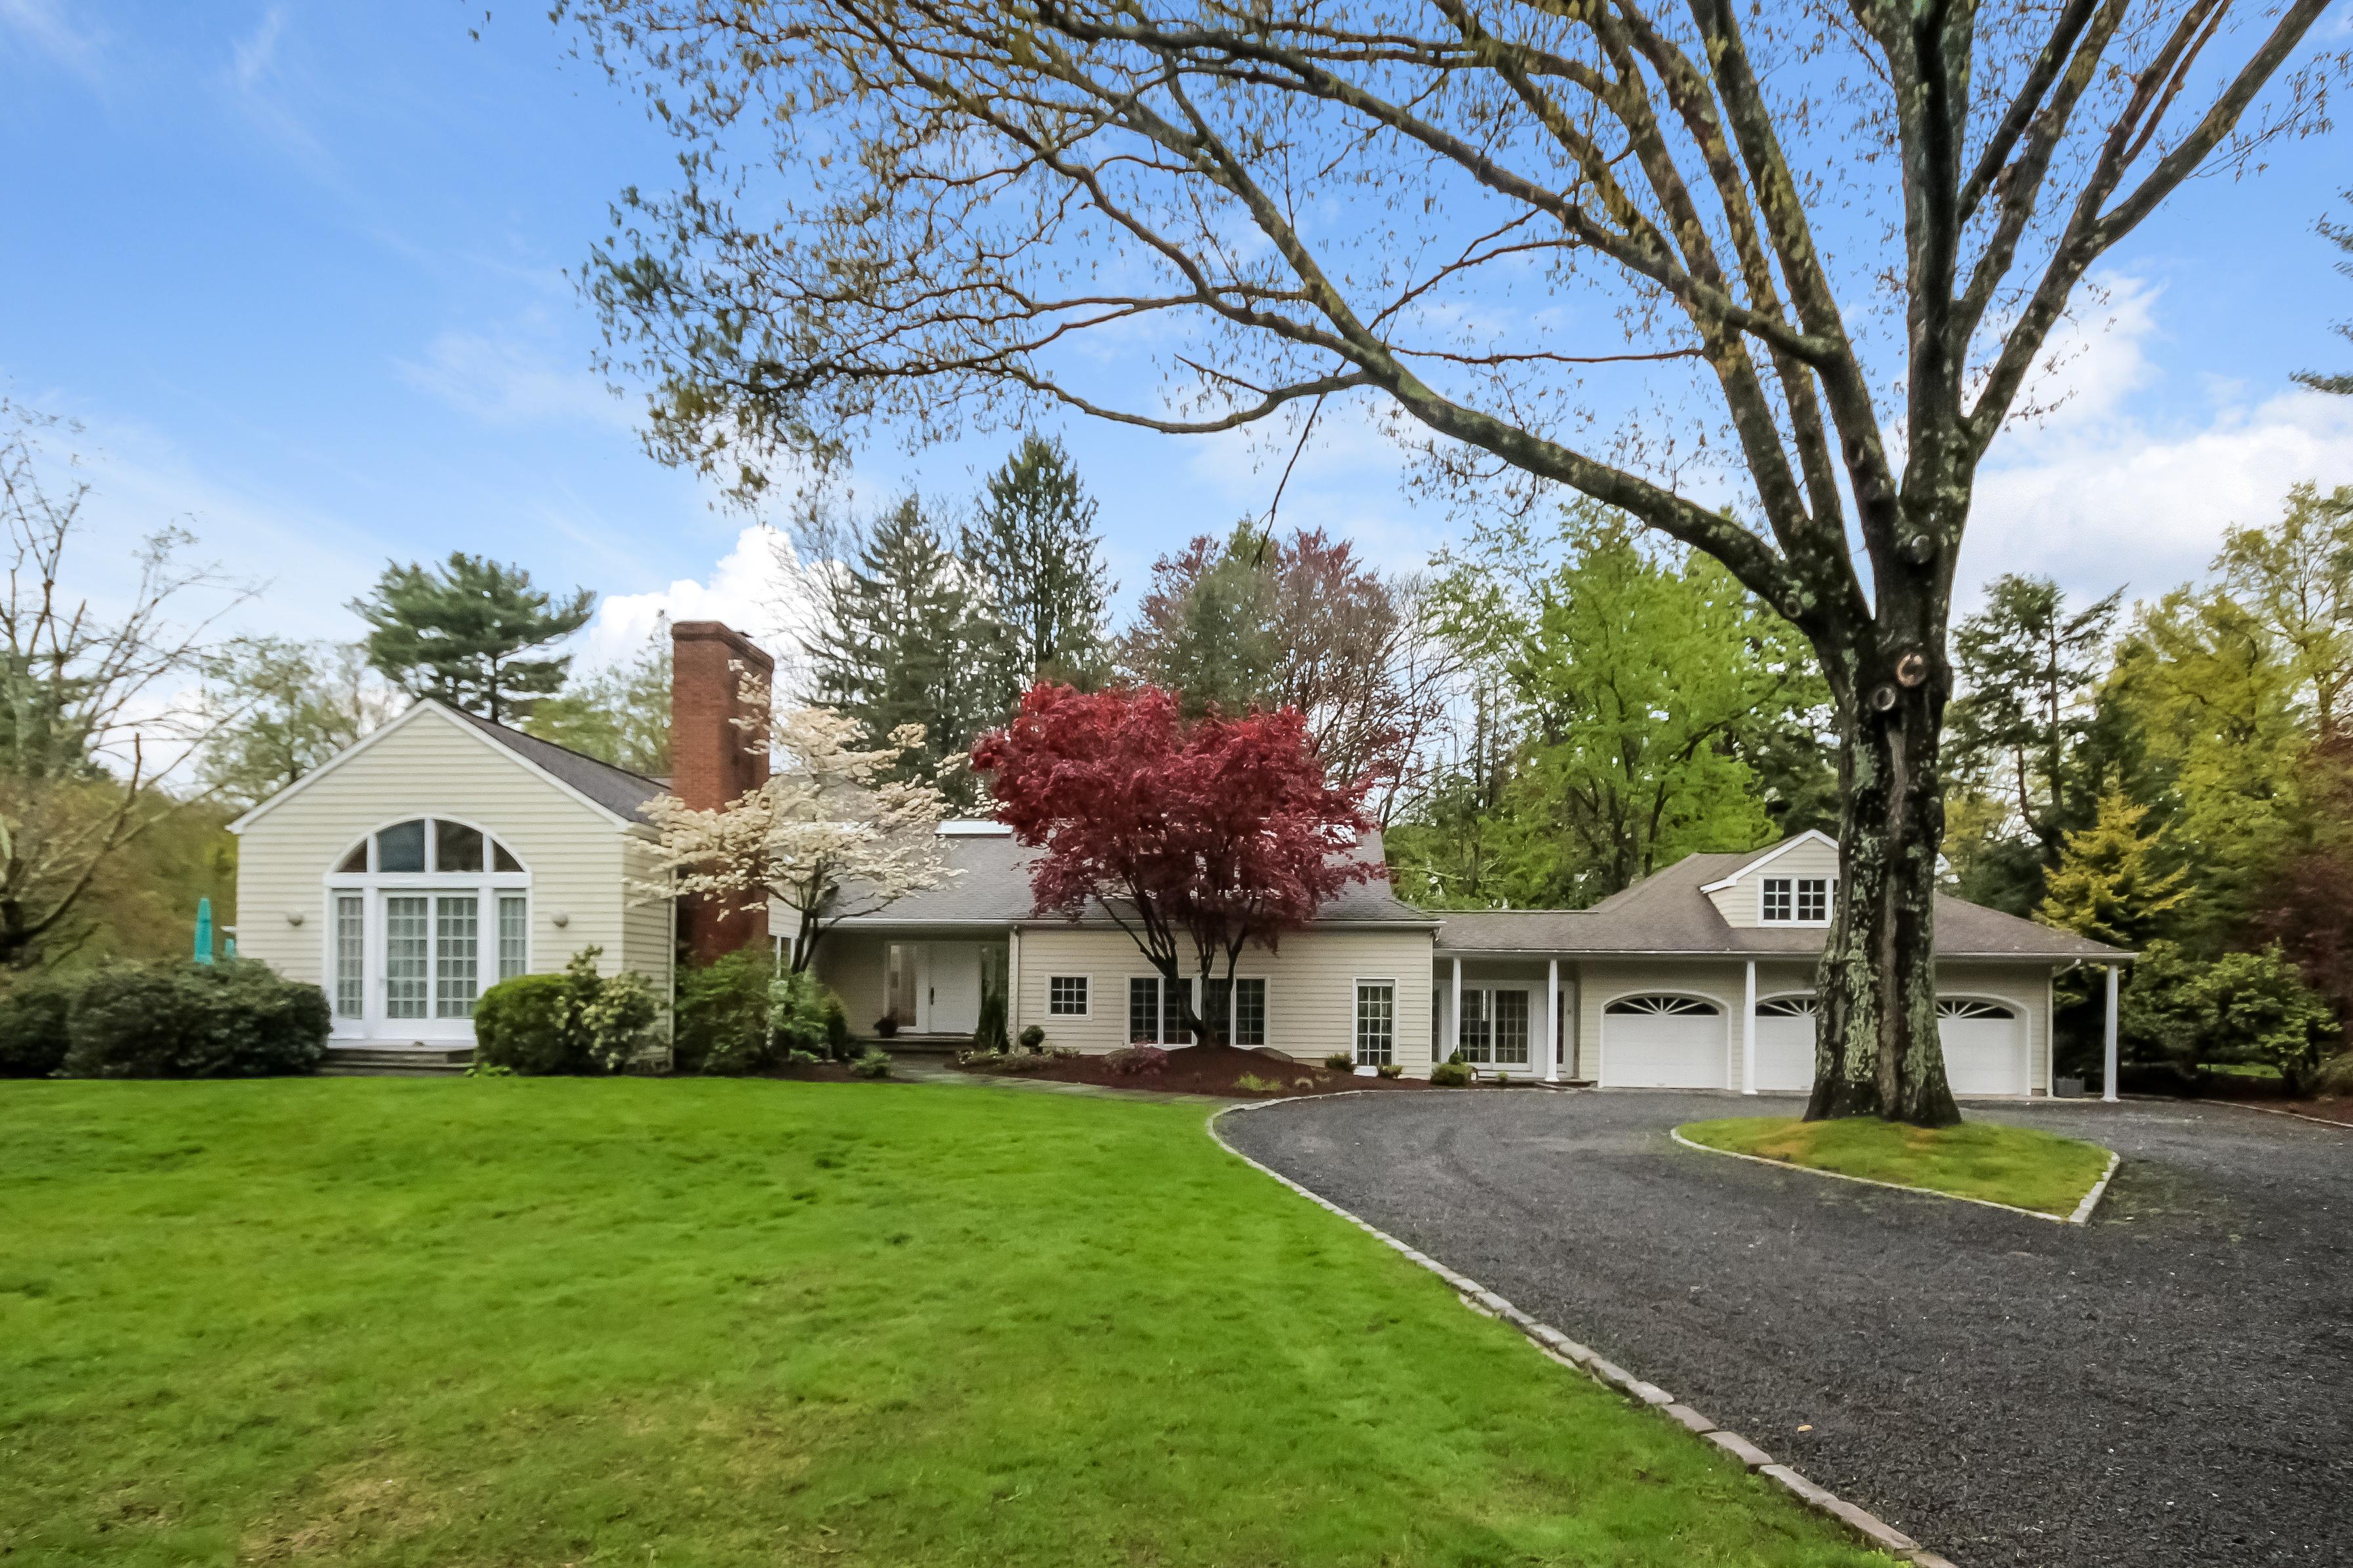 Частный односемейный дом для того Продажа на Distinctive Home and Property 93 Easton Road Westport, Коннектикут, 06880 Соединенные Штаты